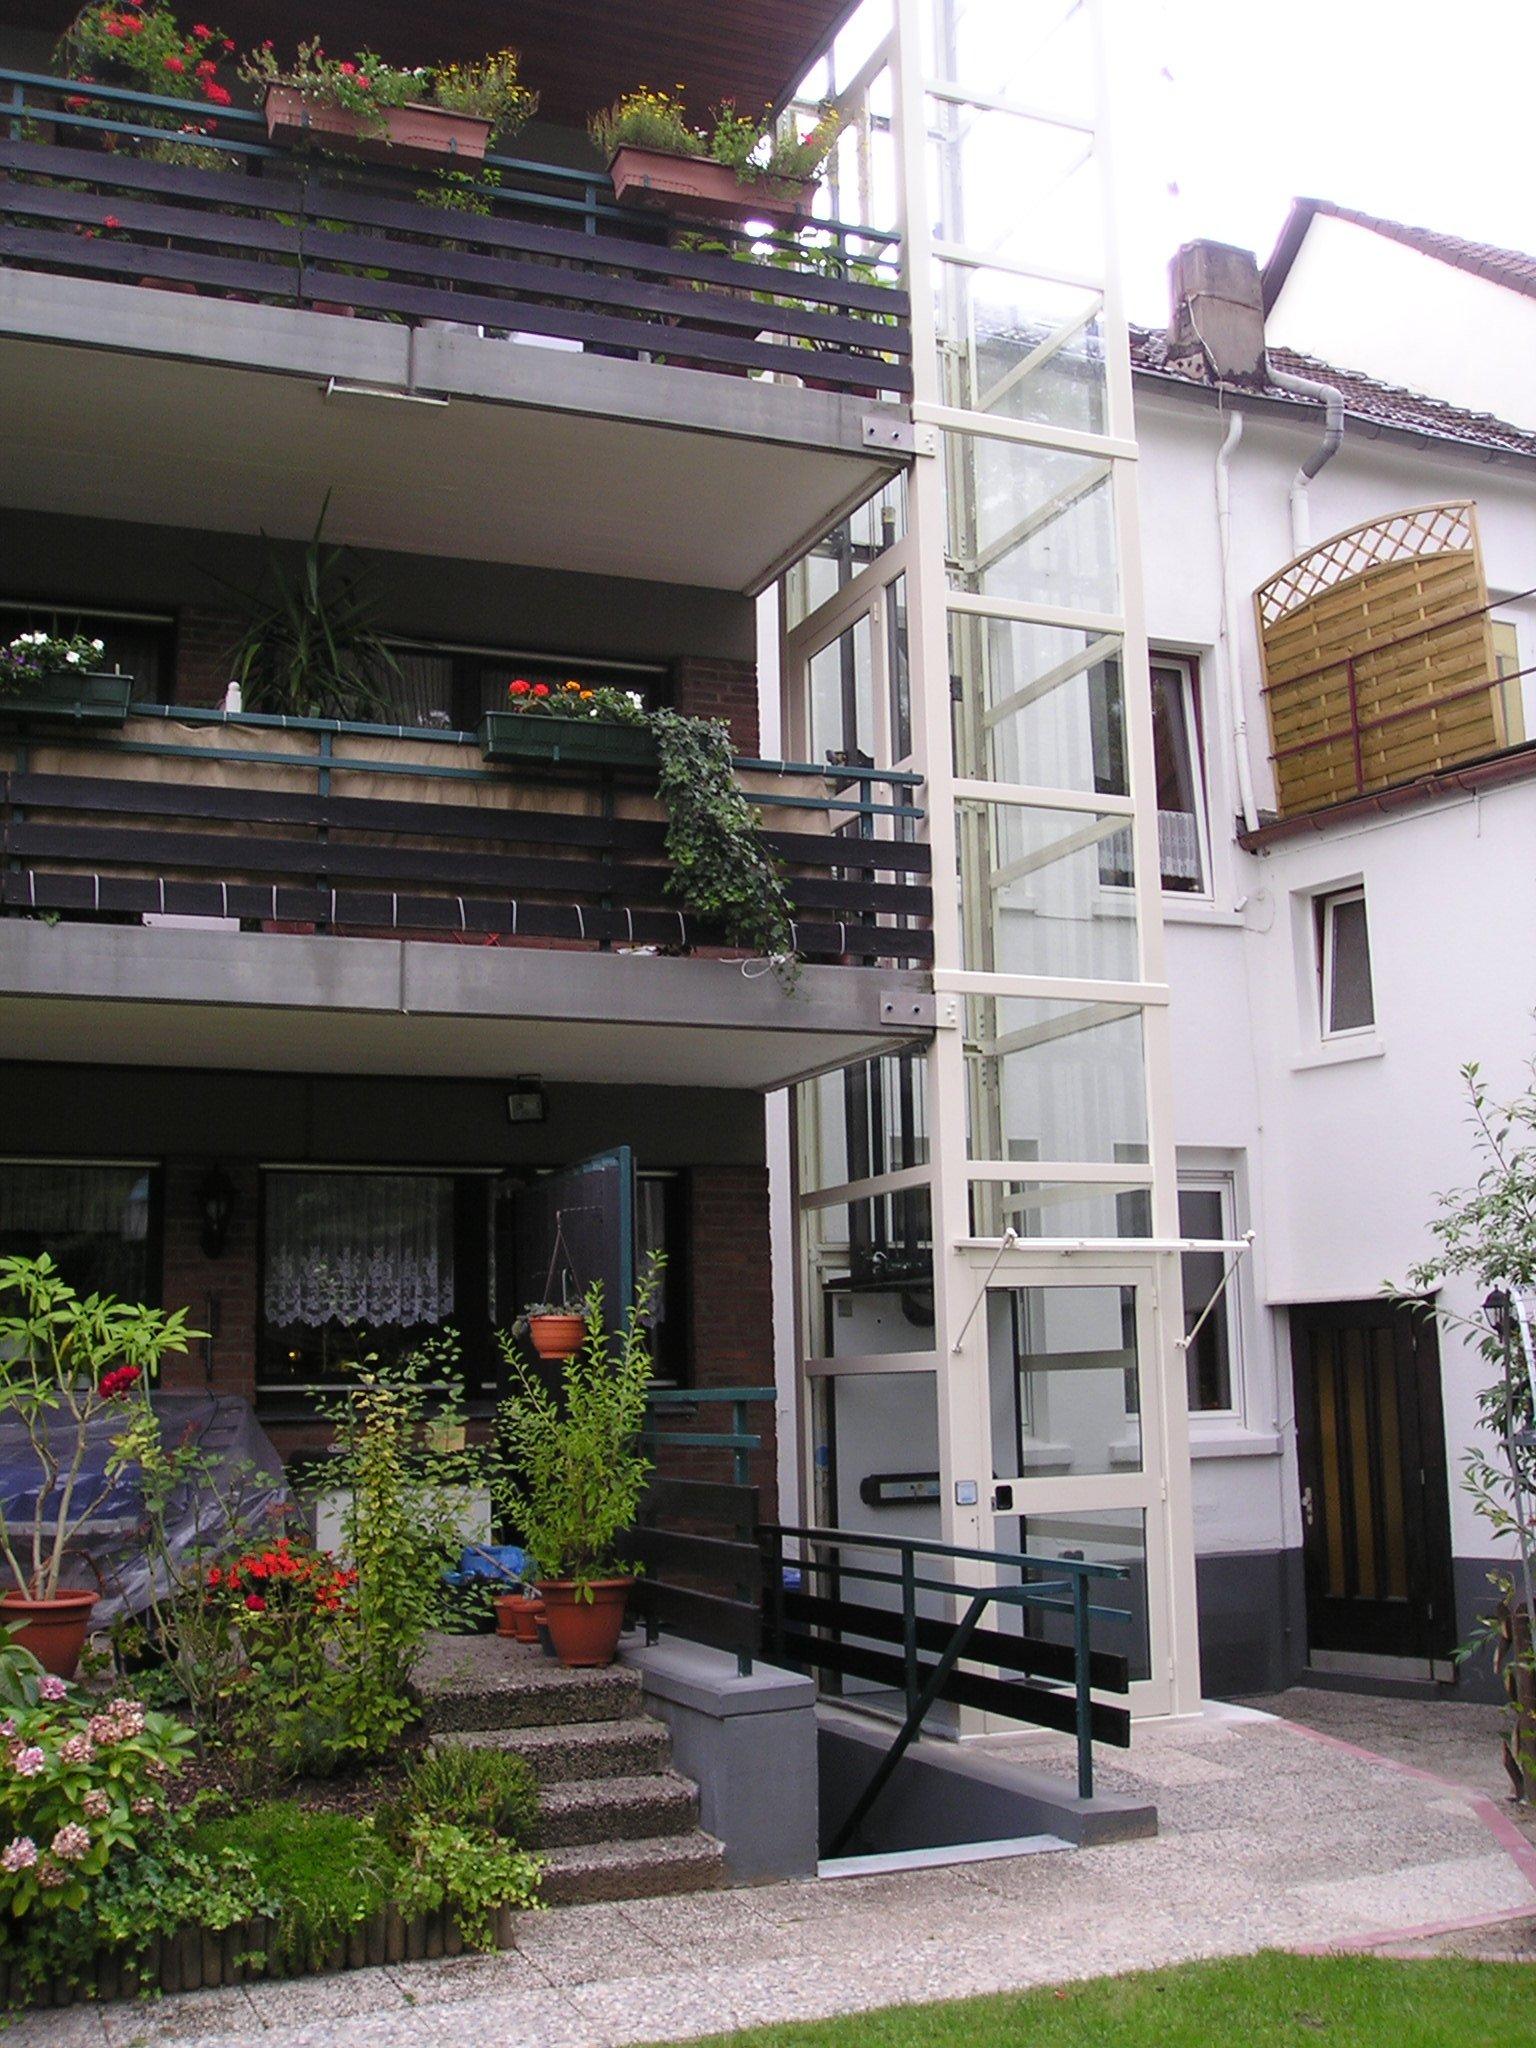 Weißer Außenaufzug aus Glas neben Balkonen